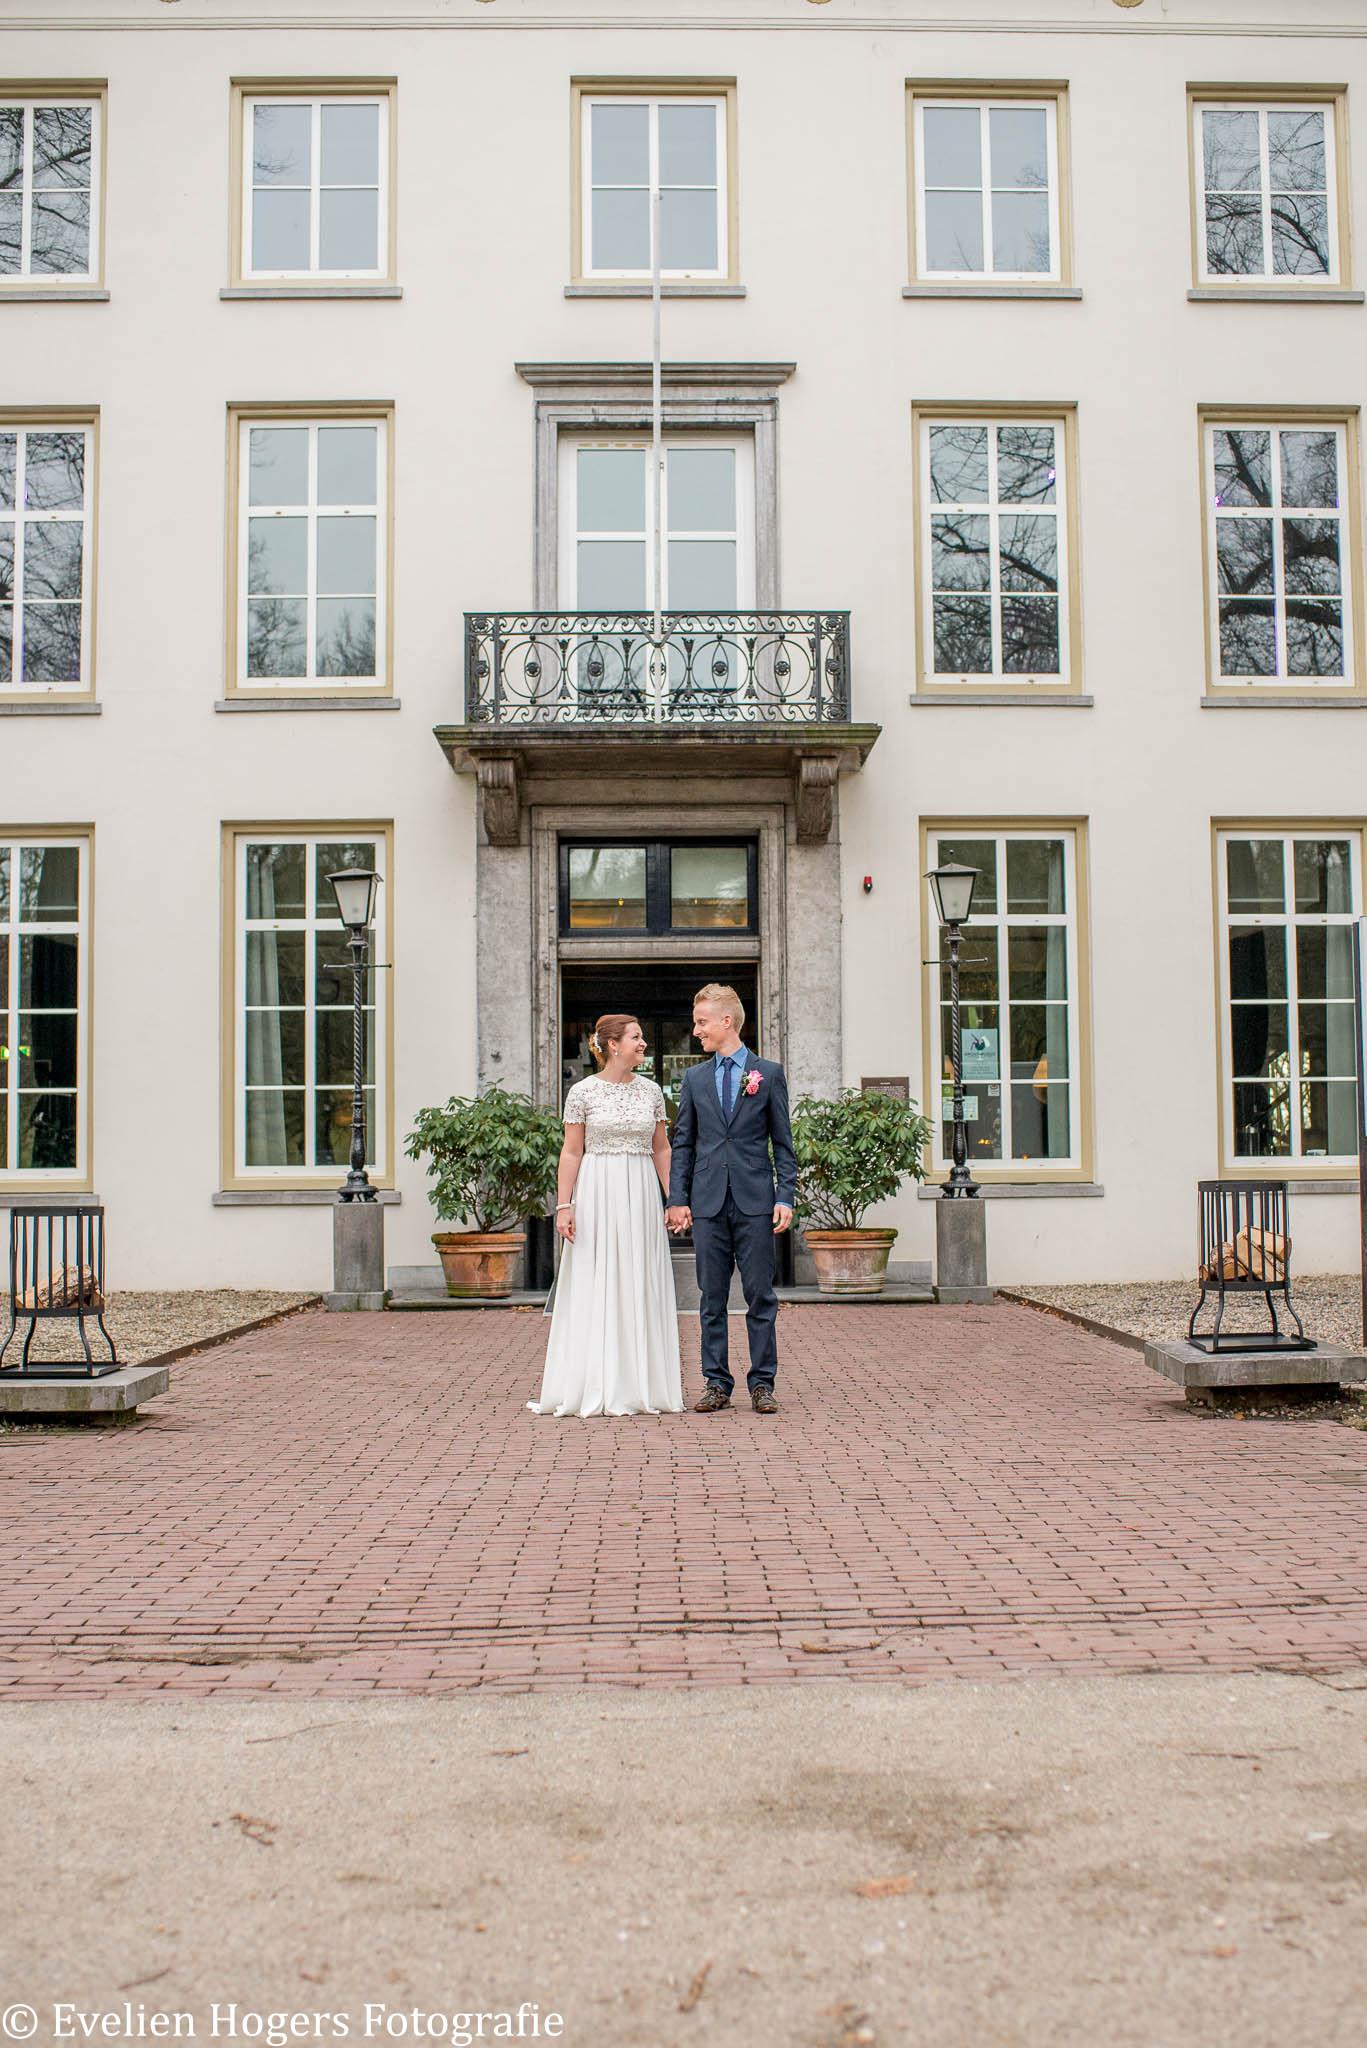 Estate_wedding_Metwatermerk-68.jpg